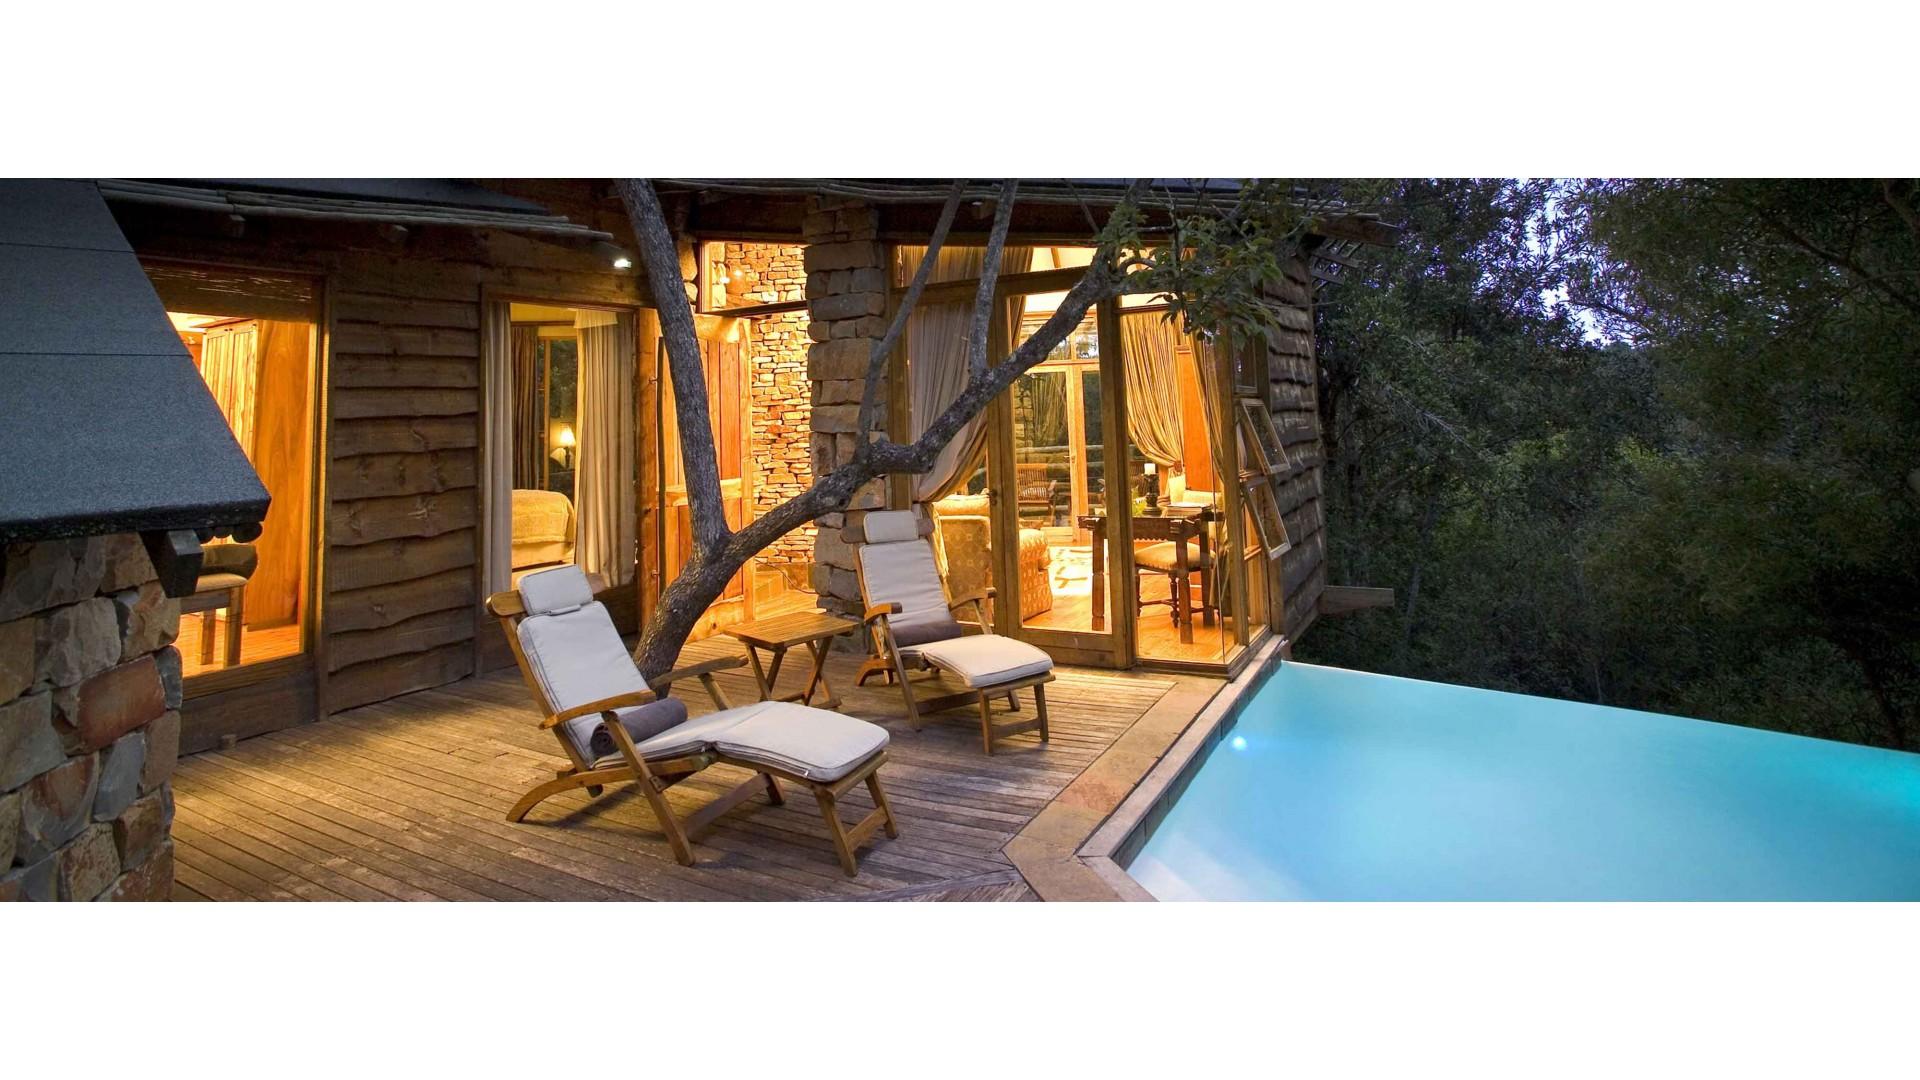 Tsala Treetop Lodge hotel - Plettenberg Bay, Garden Route ...